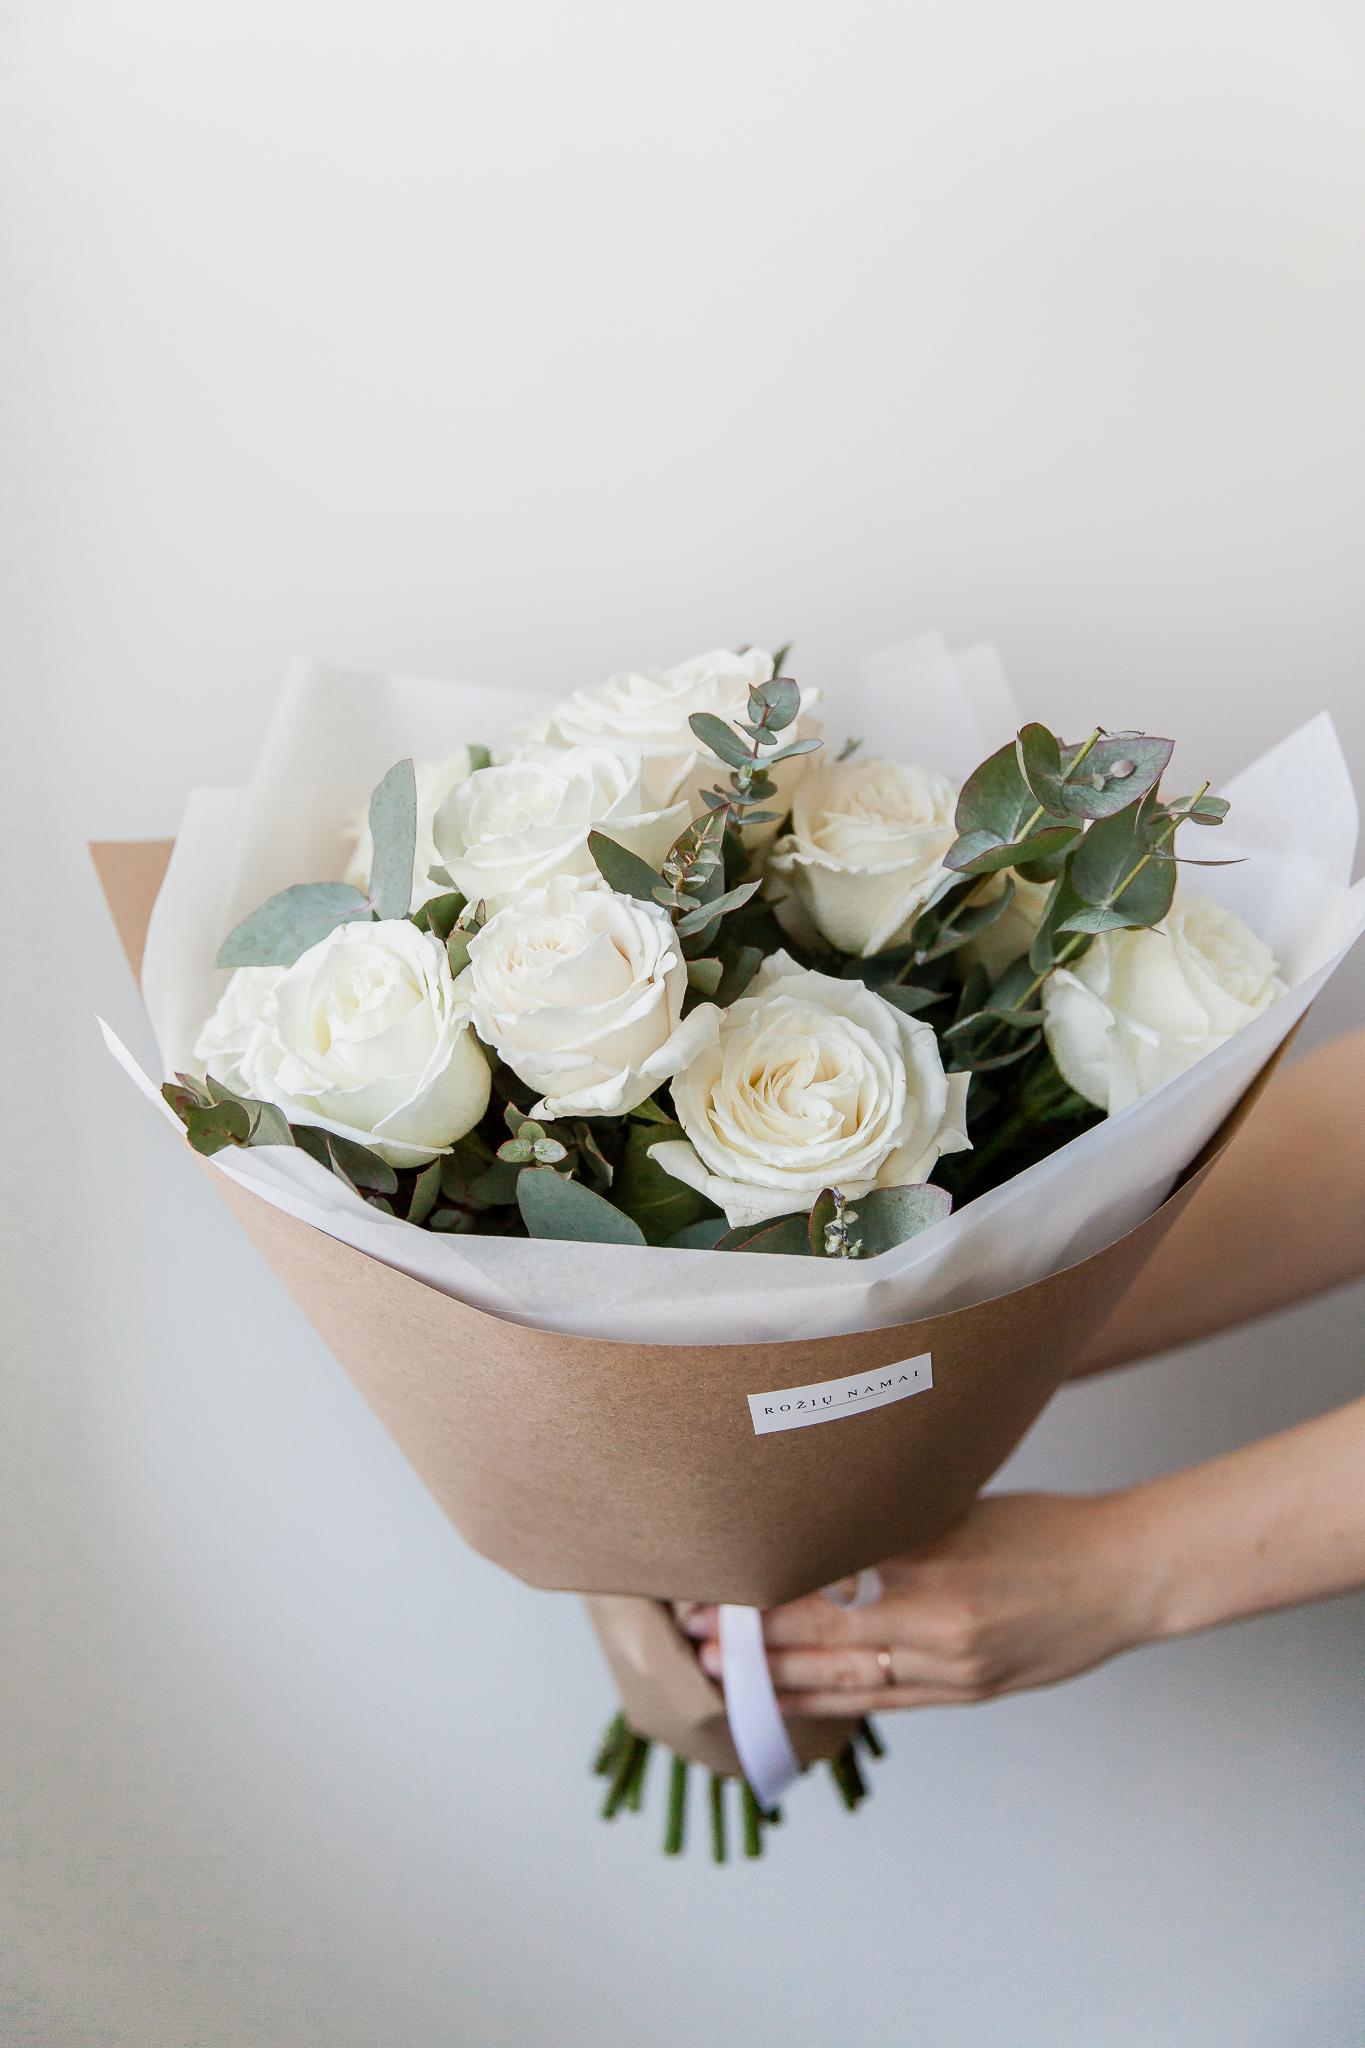 Baltos rožės 15vnt. paveikslelis